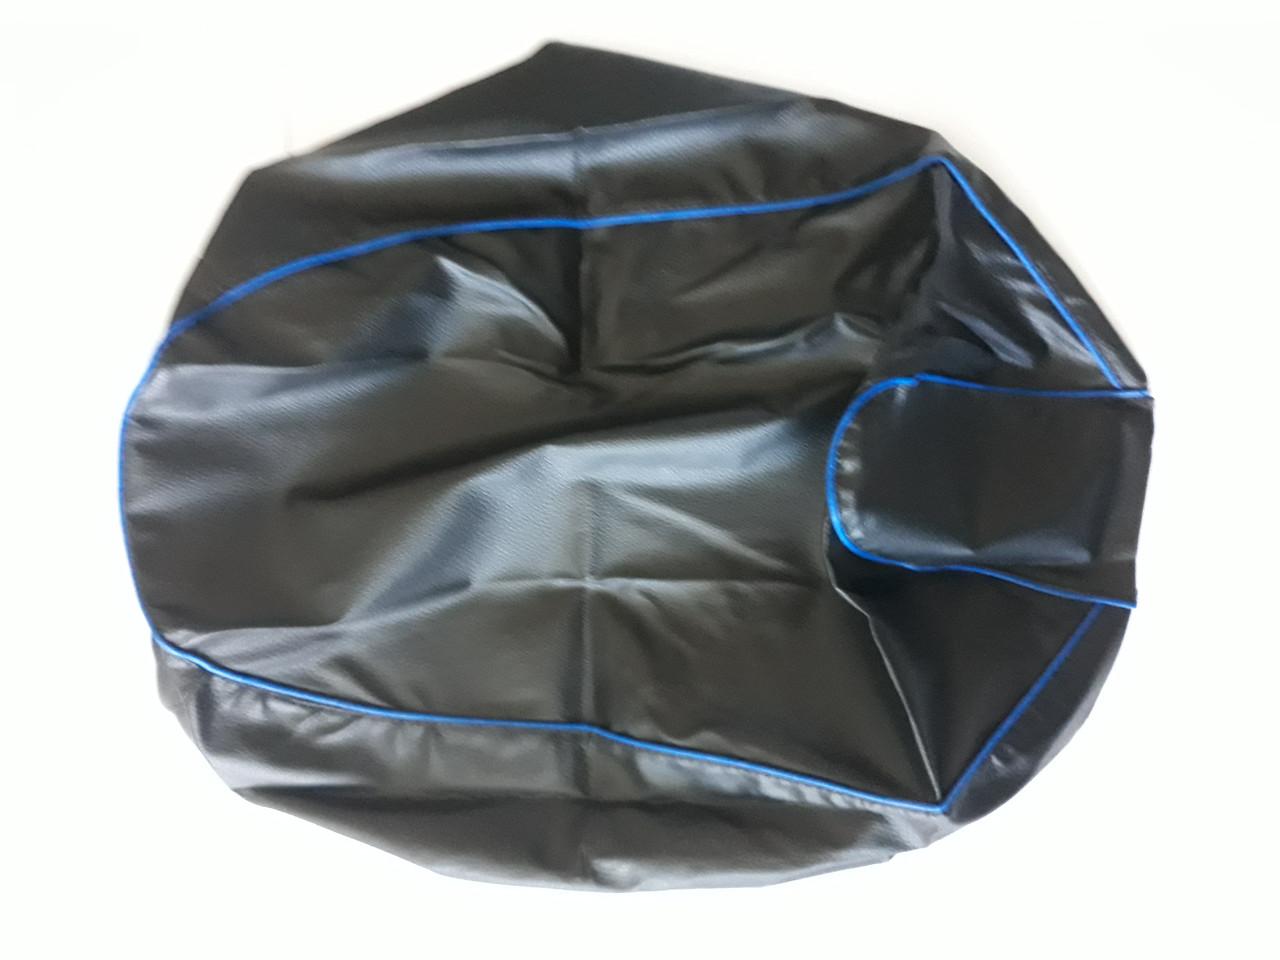 Чехол сиденья HONDA DIO AF-34/35 черный, синий кант JOHN DOE